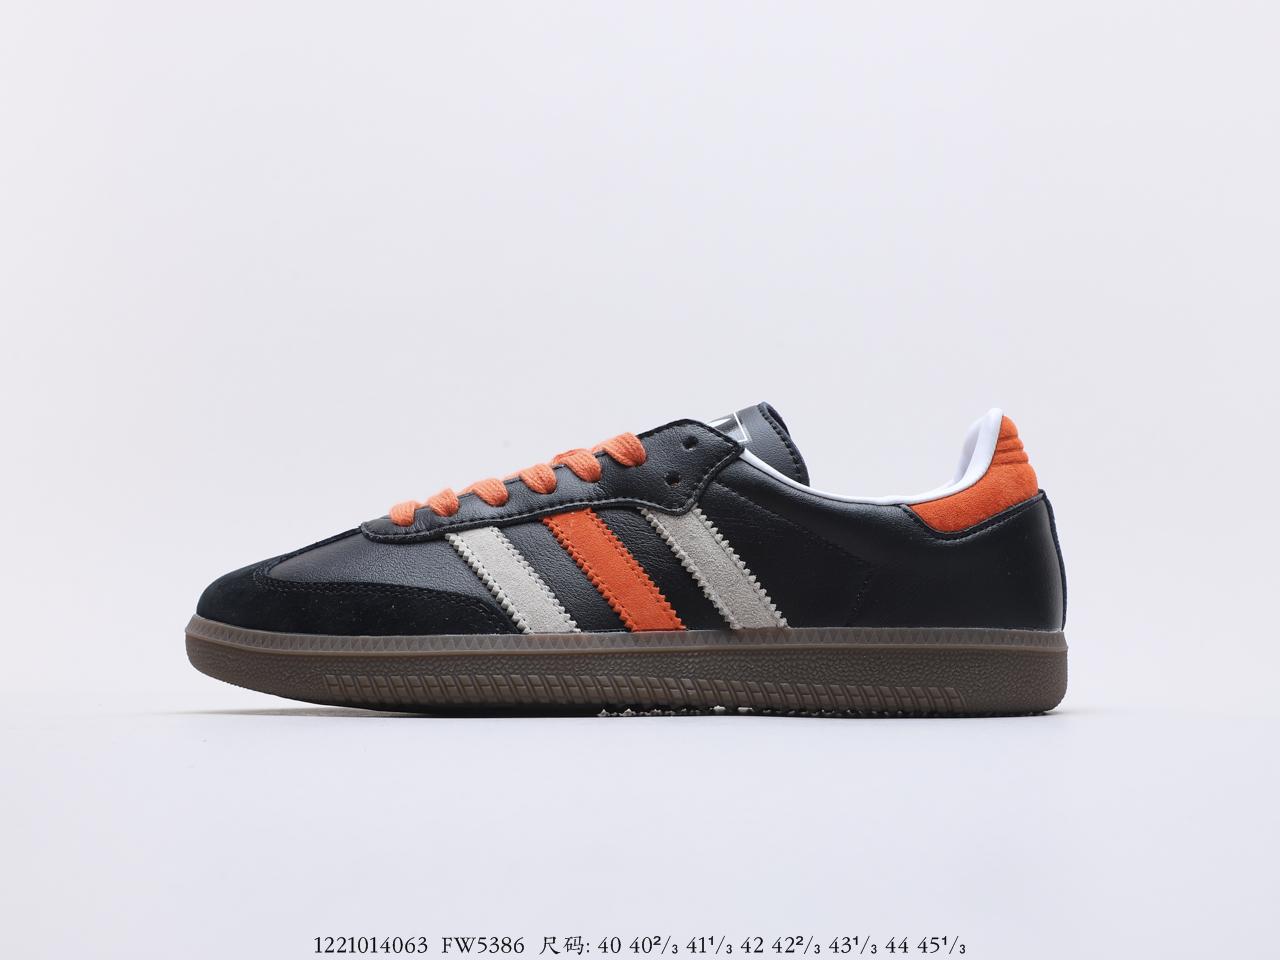 阿迪达斯 Adidas Samba OG FT鞋是一款永恒的训练偶像